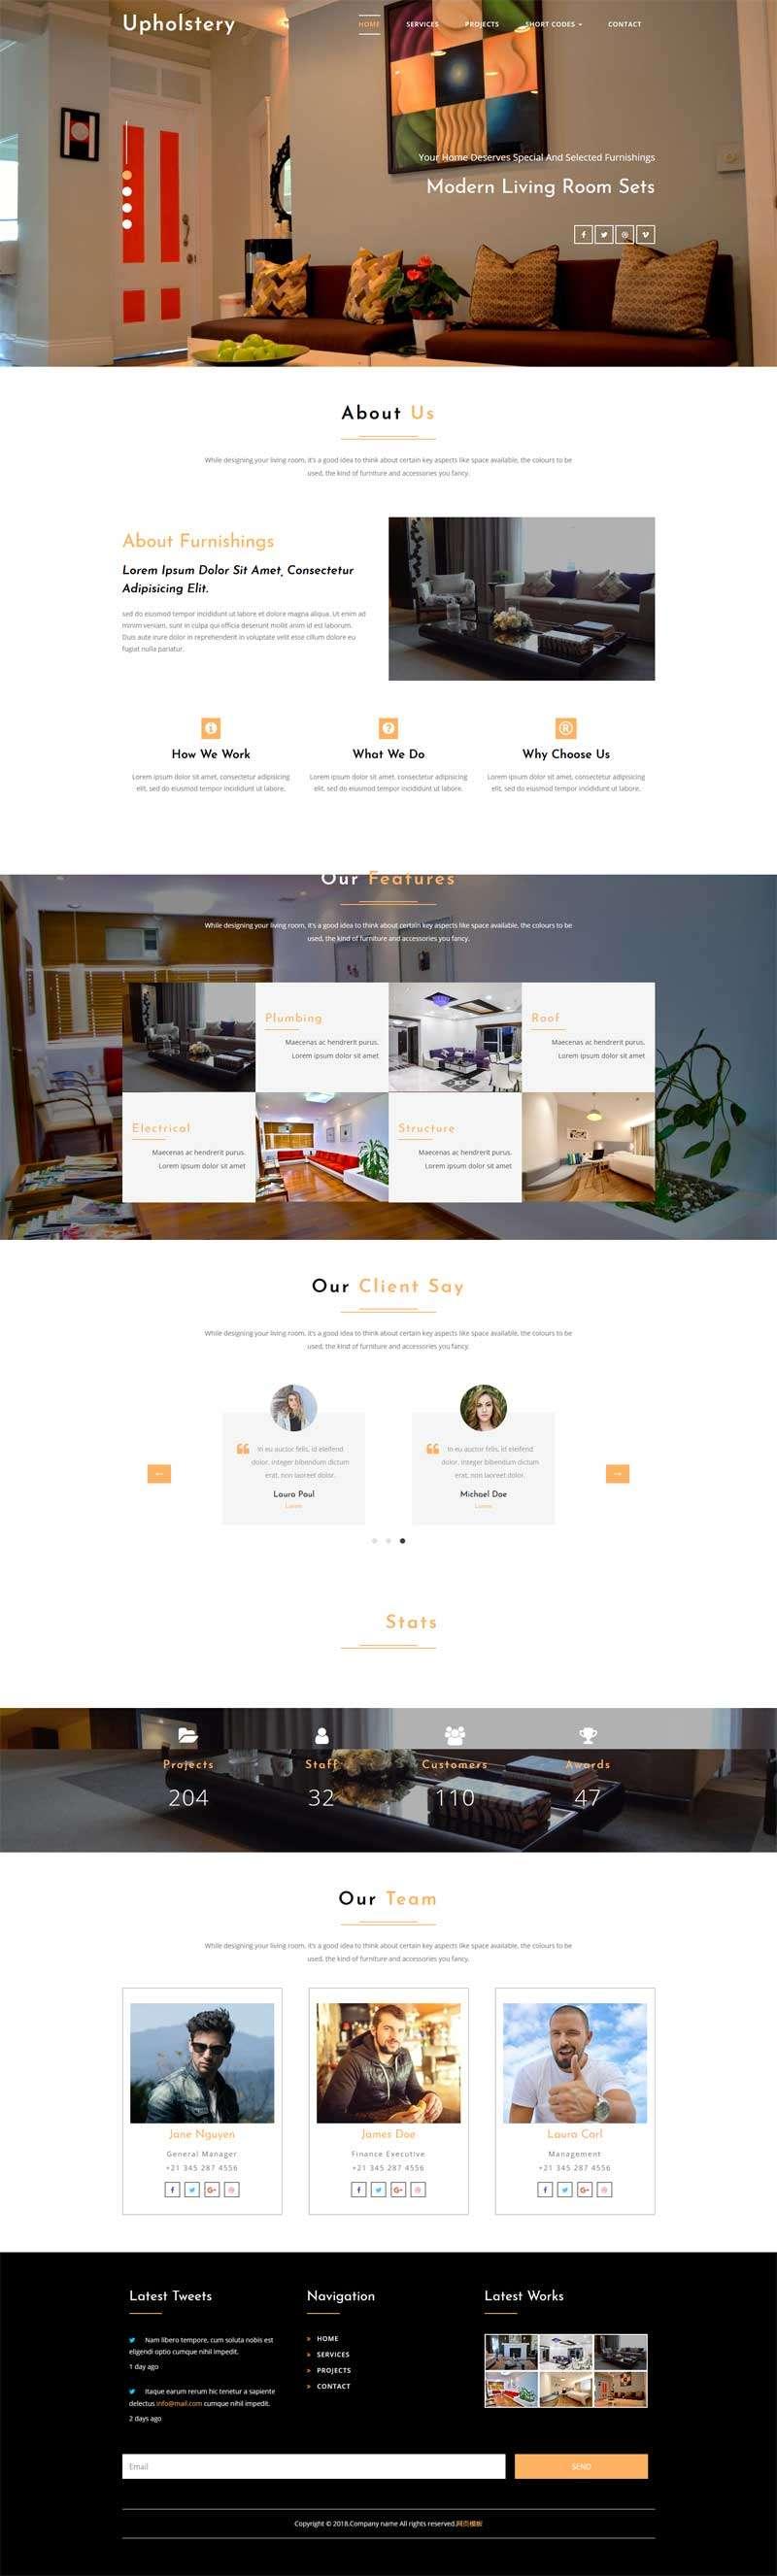 宽屏的室内设计企业模板